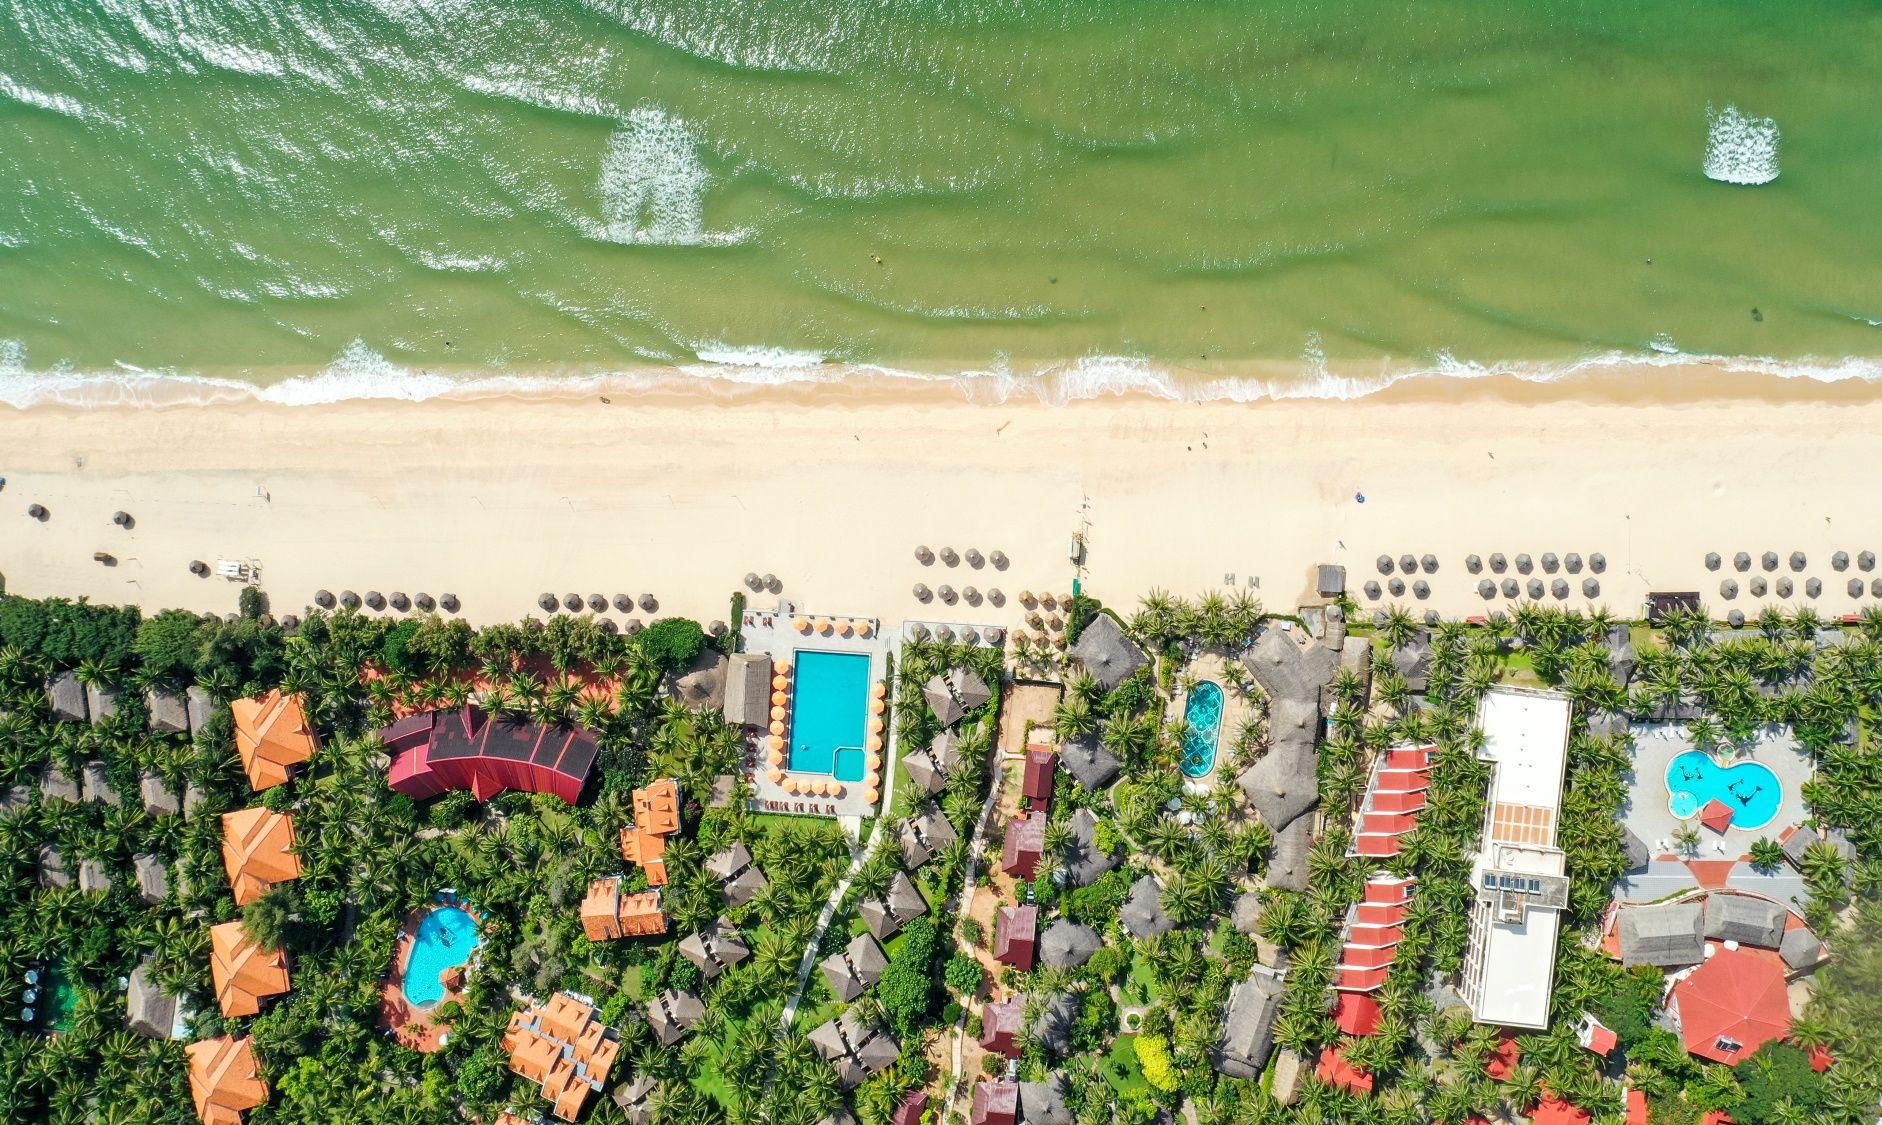 tinh thanh giap bien anh 3  - resort_zing10 - Tỉnh thành nào ở Việt Nam giáp biển?